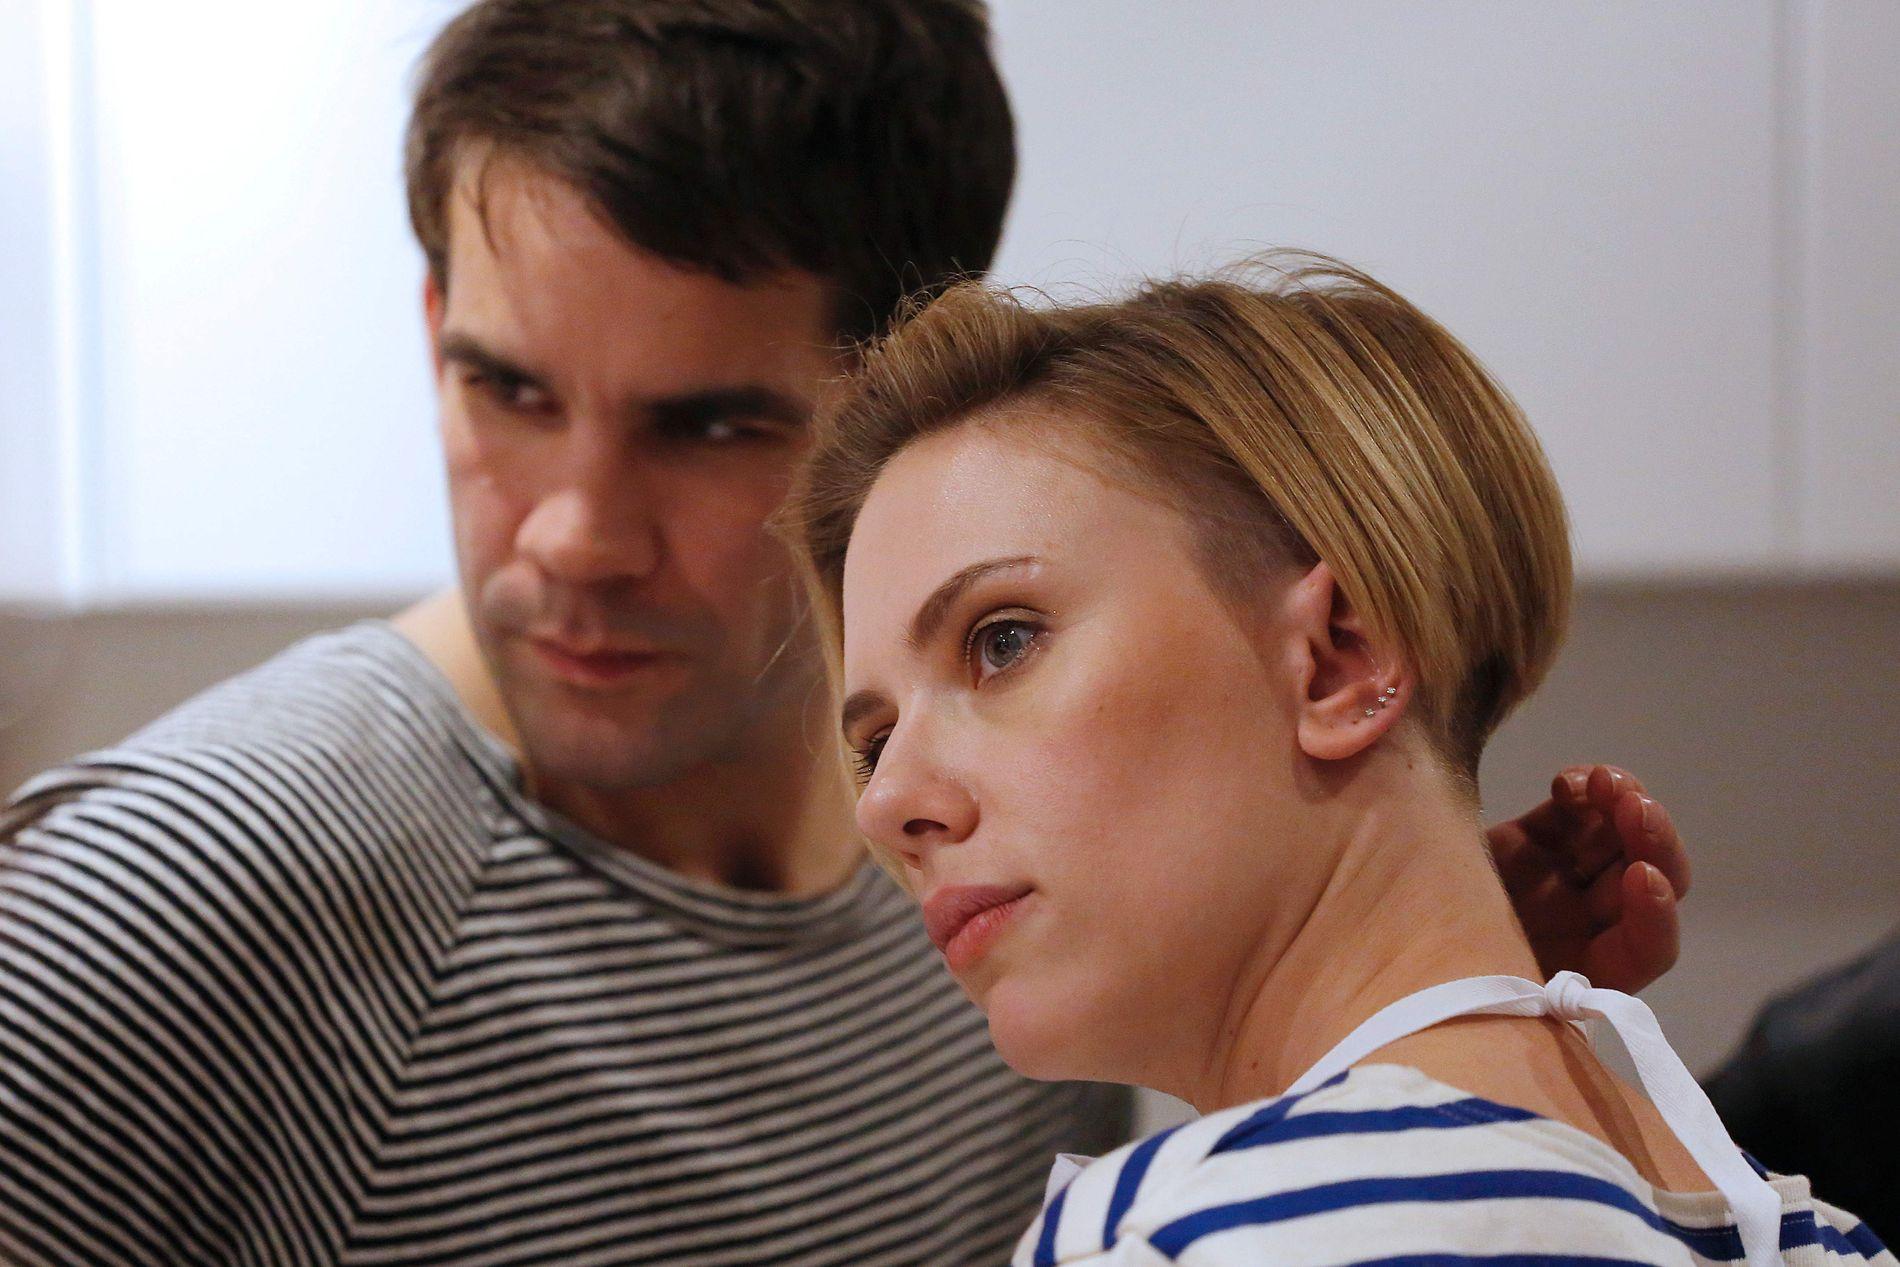 GÅR FRA HVERANDRE: Scarlett Johansson og reklamemannen Romain Dauriac